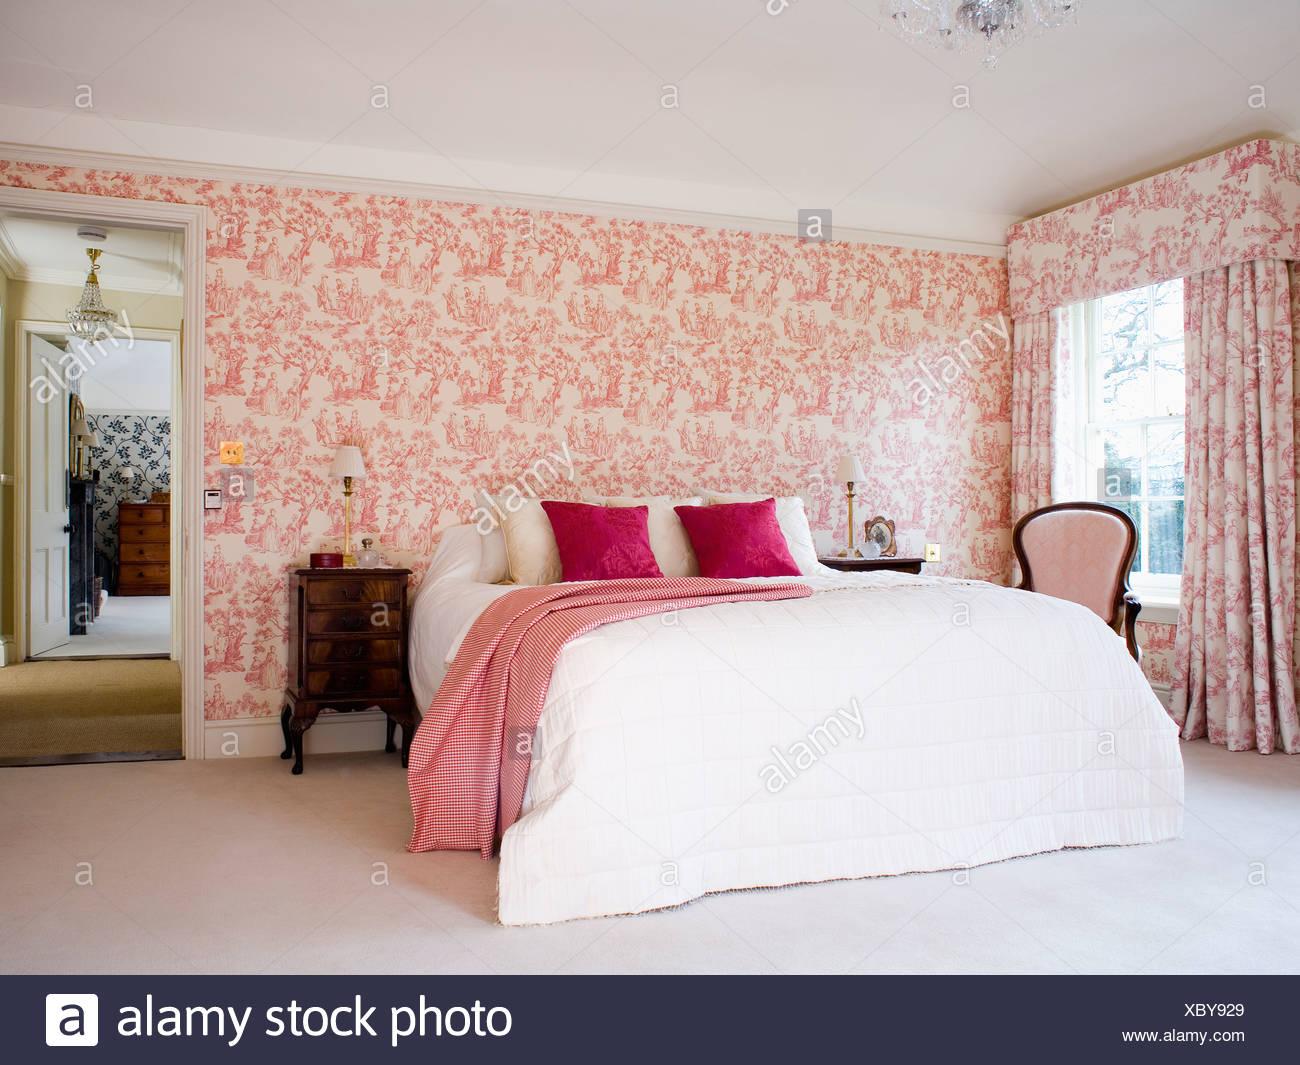 Rosa, Toile-de-Jouy-Tapeten und passende Vorhänge im Land ...